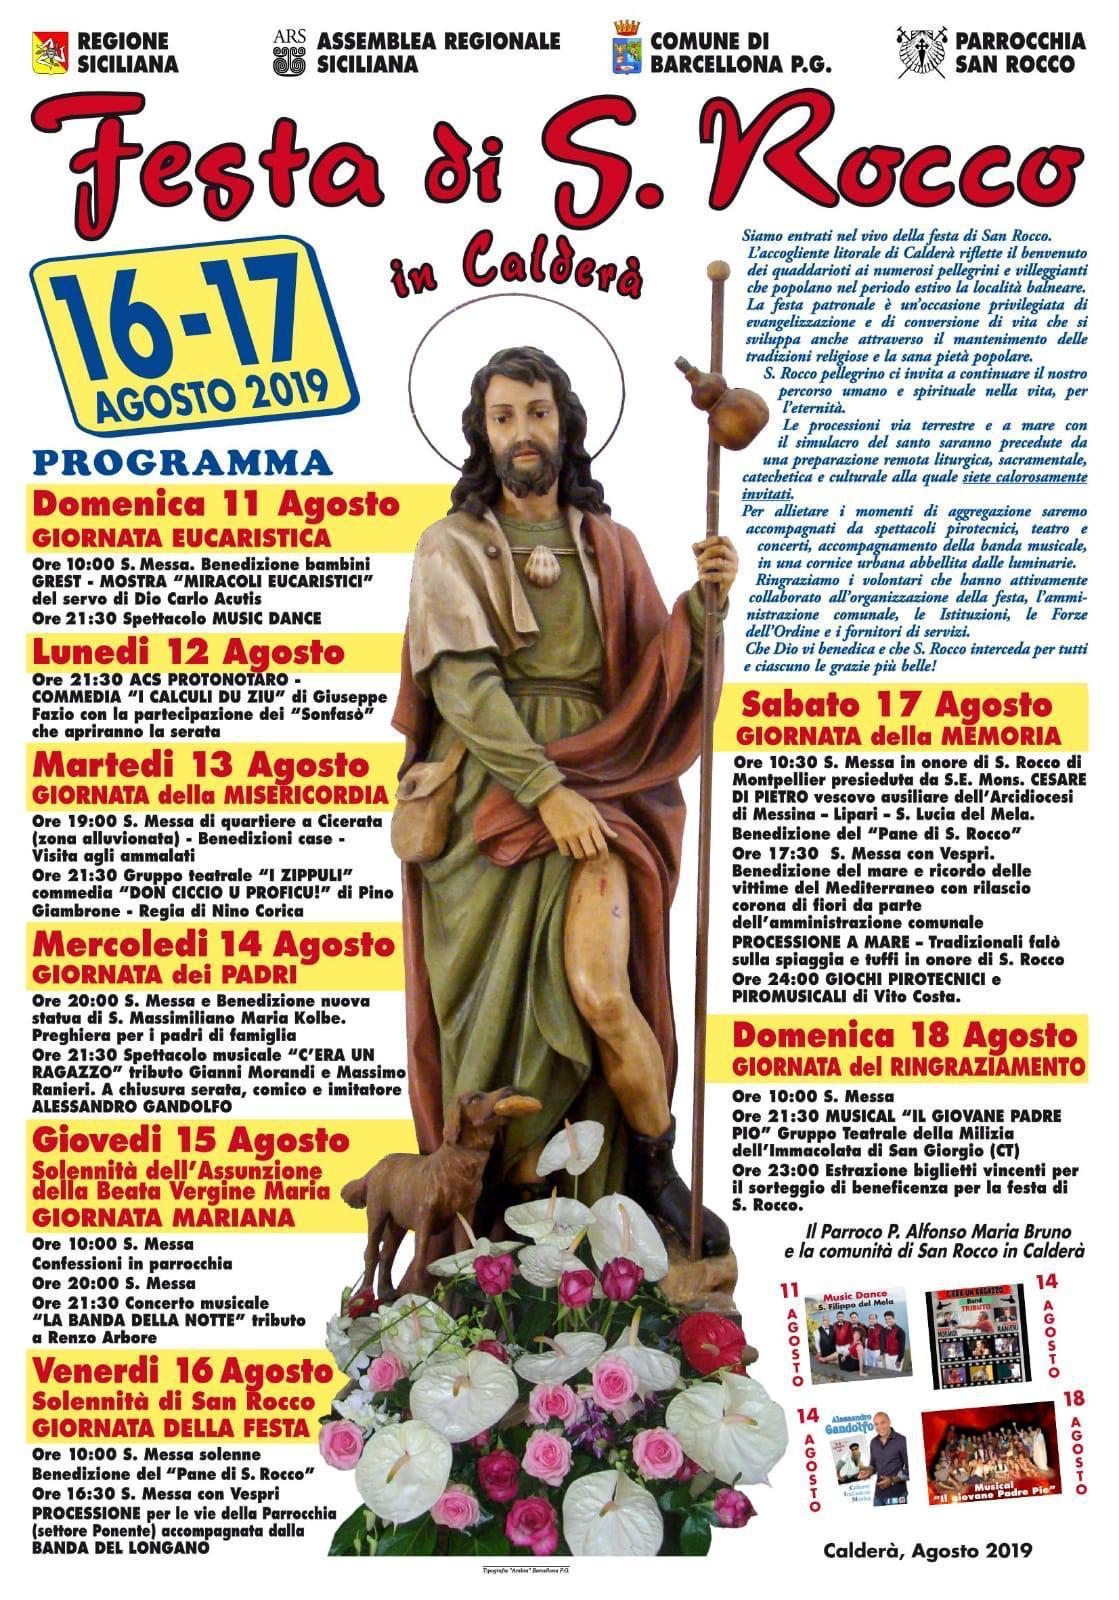 Barcellona PG. La Festa di San Rocco 2019 a Calderà, fra religiosità, tradizione e divertimento